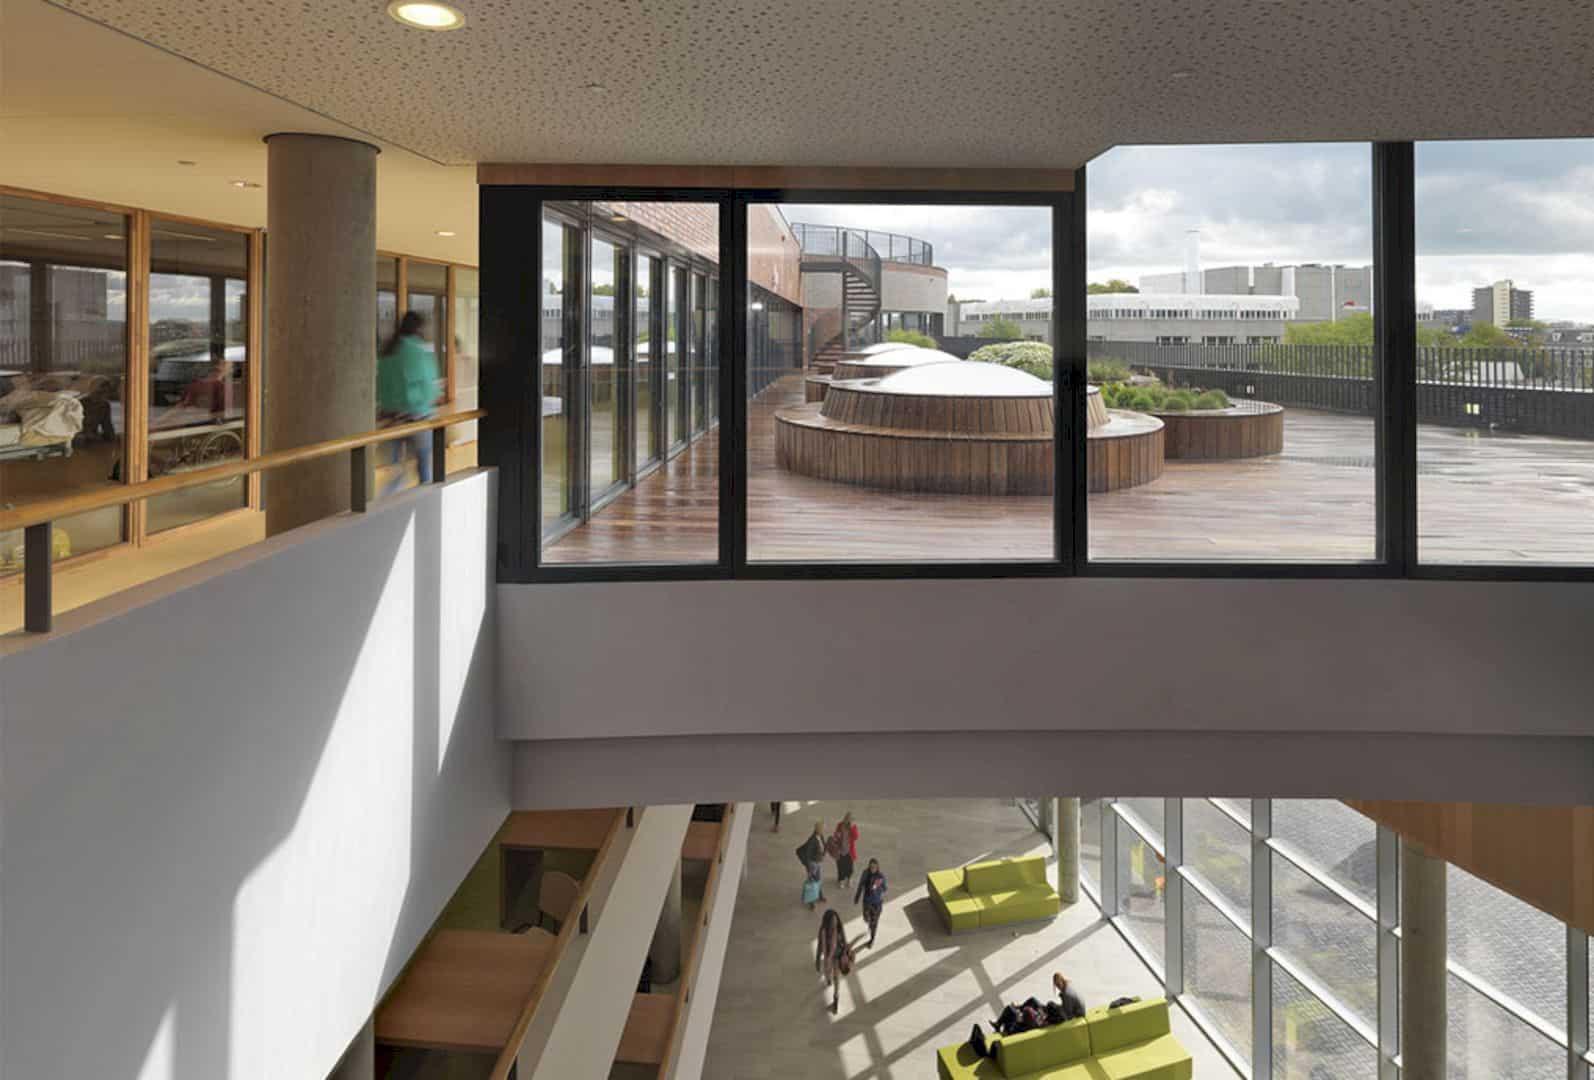 Kellebeek College Roosendaal By Jeanne Dekkers Architectuur 5